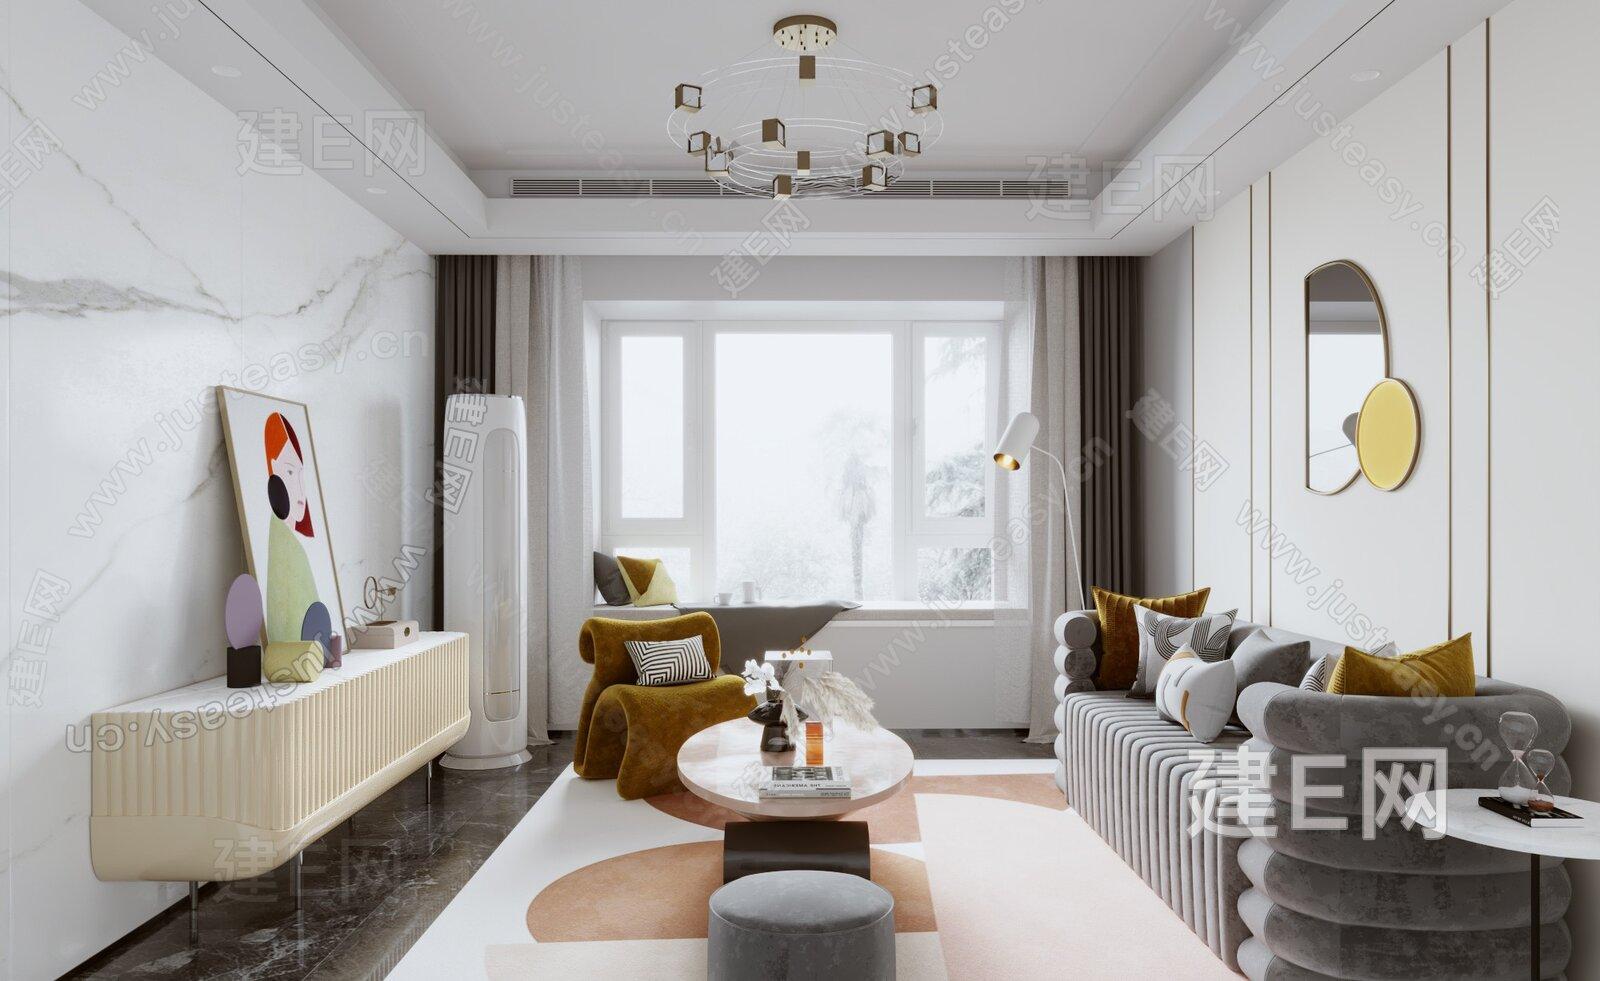 香港方黄设计 新疆河滩南样板房 现代客厅3d模型